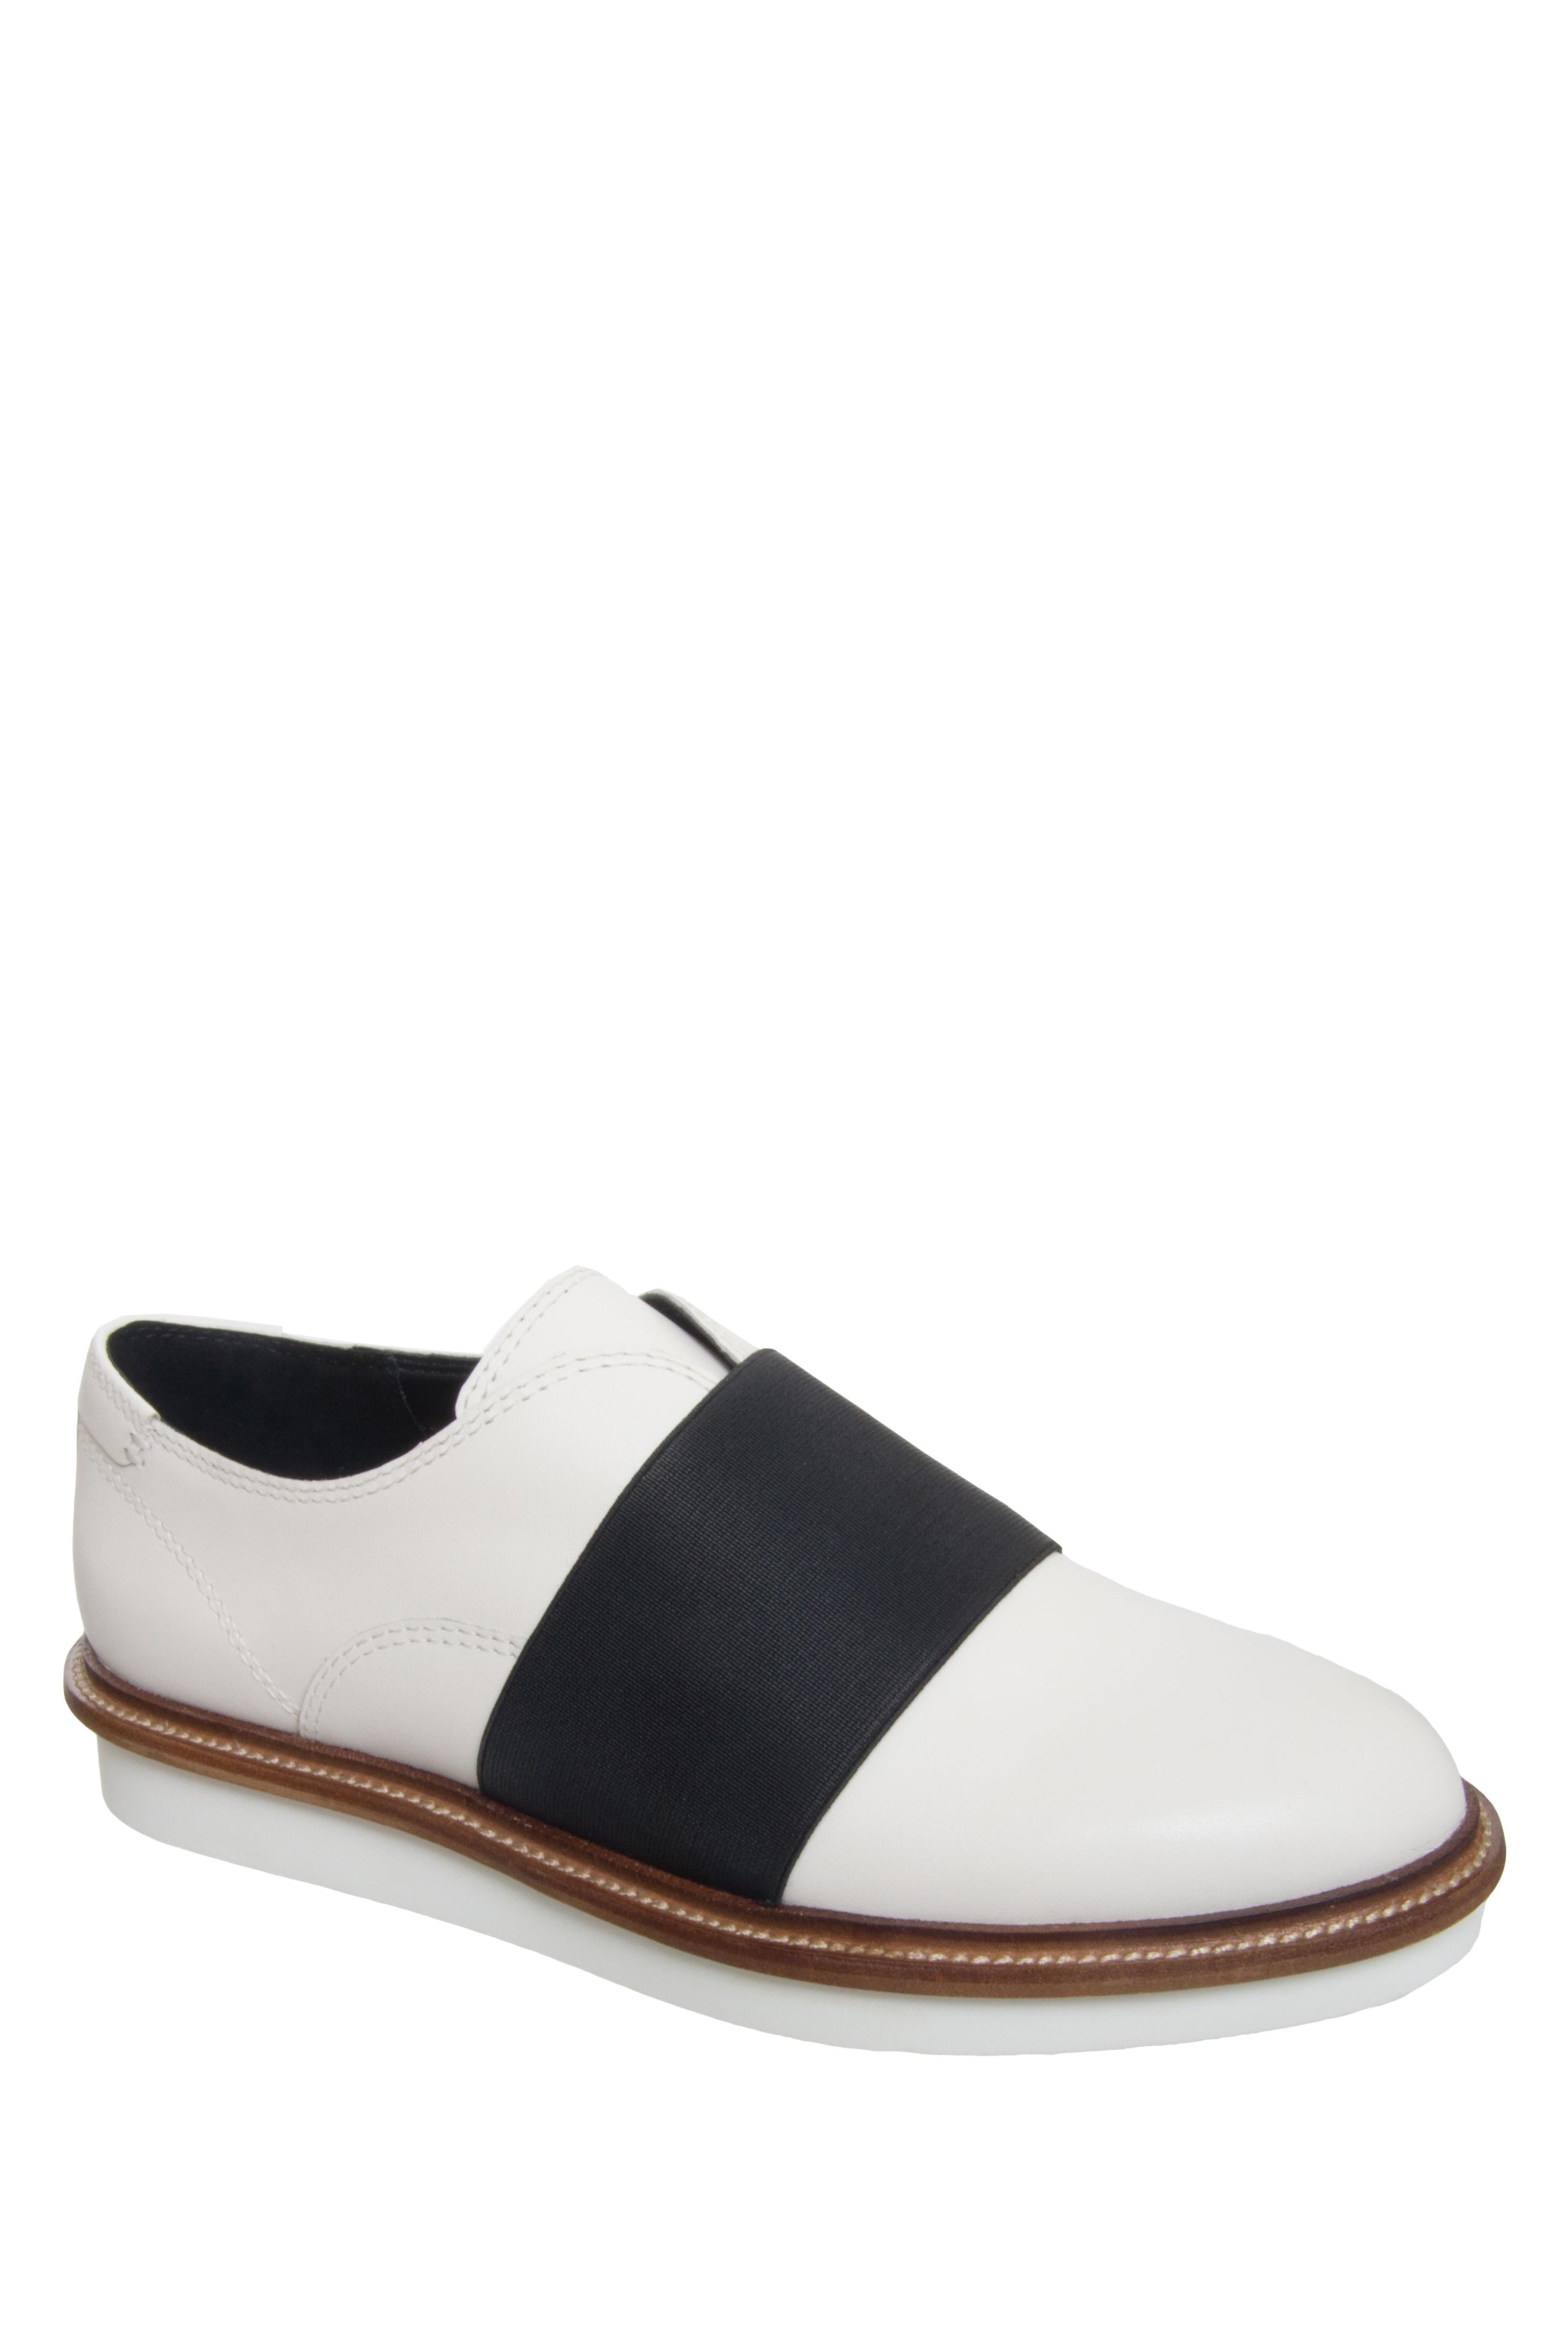 Dolce Vita Saxon Low Platform Flats - White